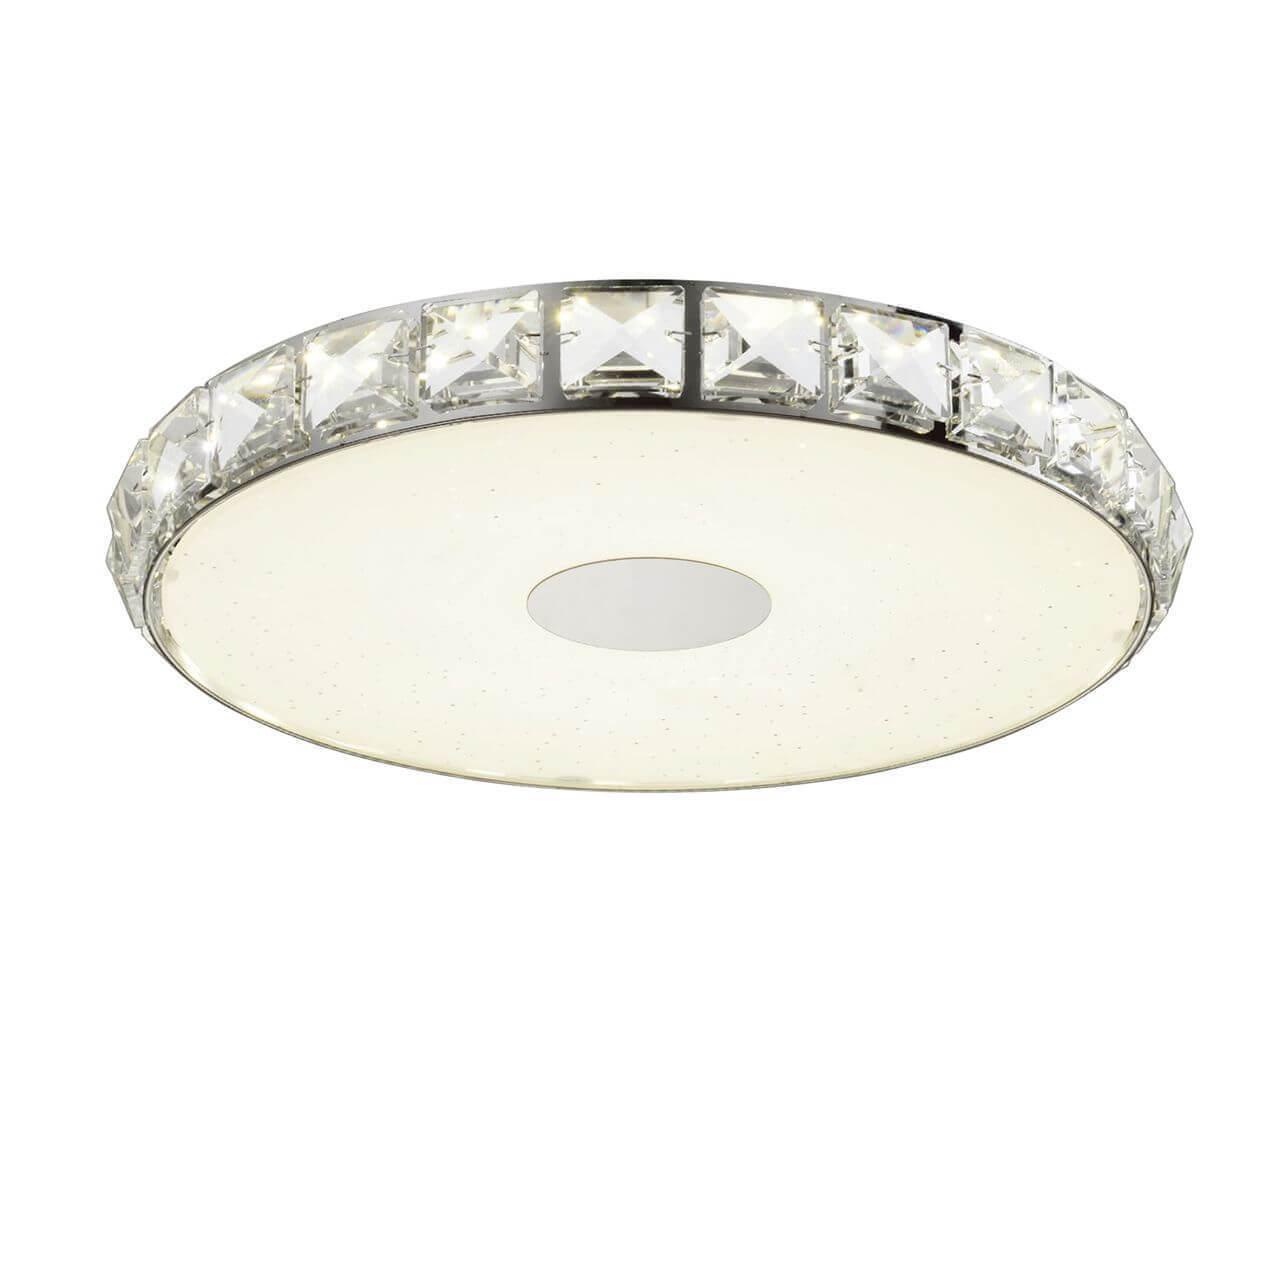 цена на Потолочный светодиодный светильник ST Luce Impato SL821.122.01